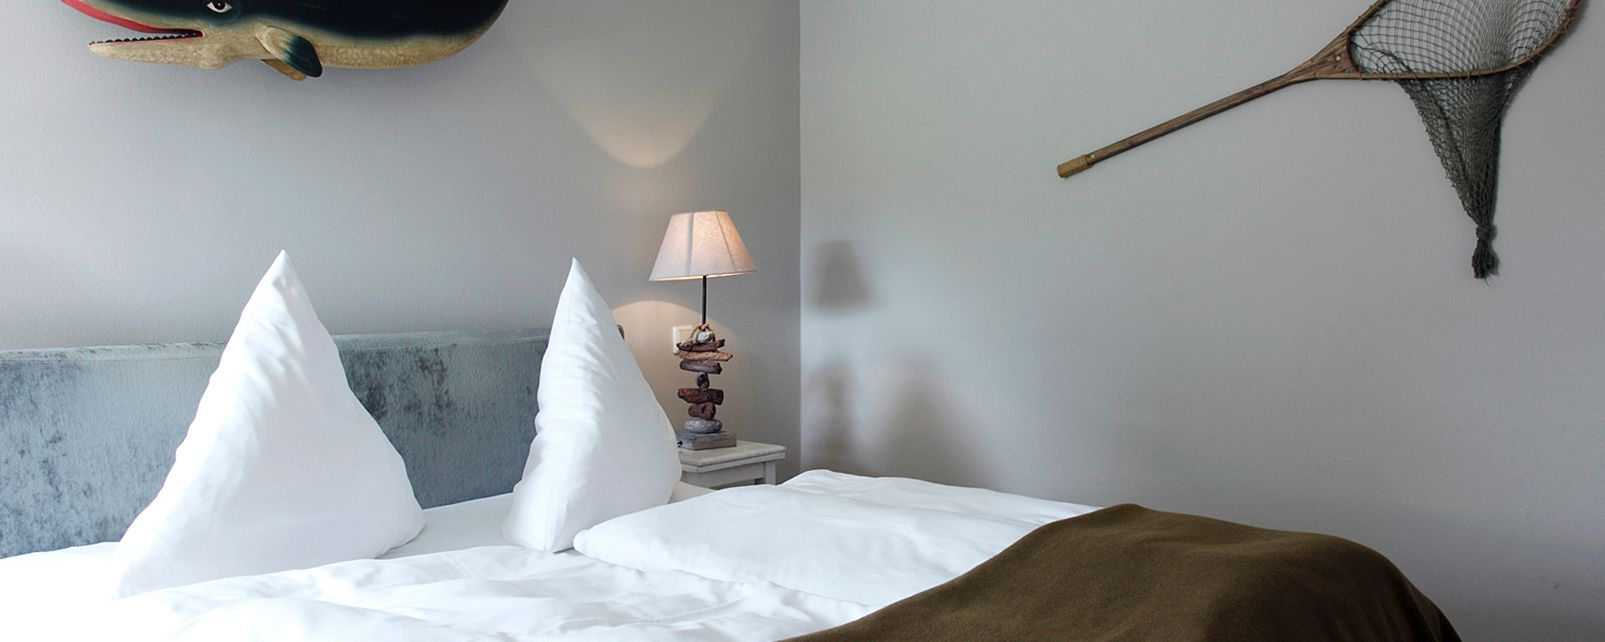 hotel long island house sylt westerland. Black Bedroom Furniture Sets. Home Design Ideas